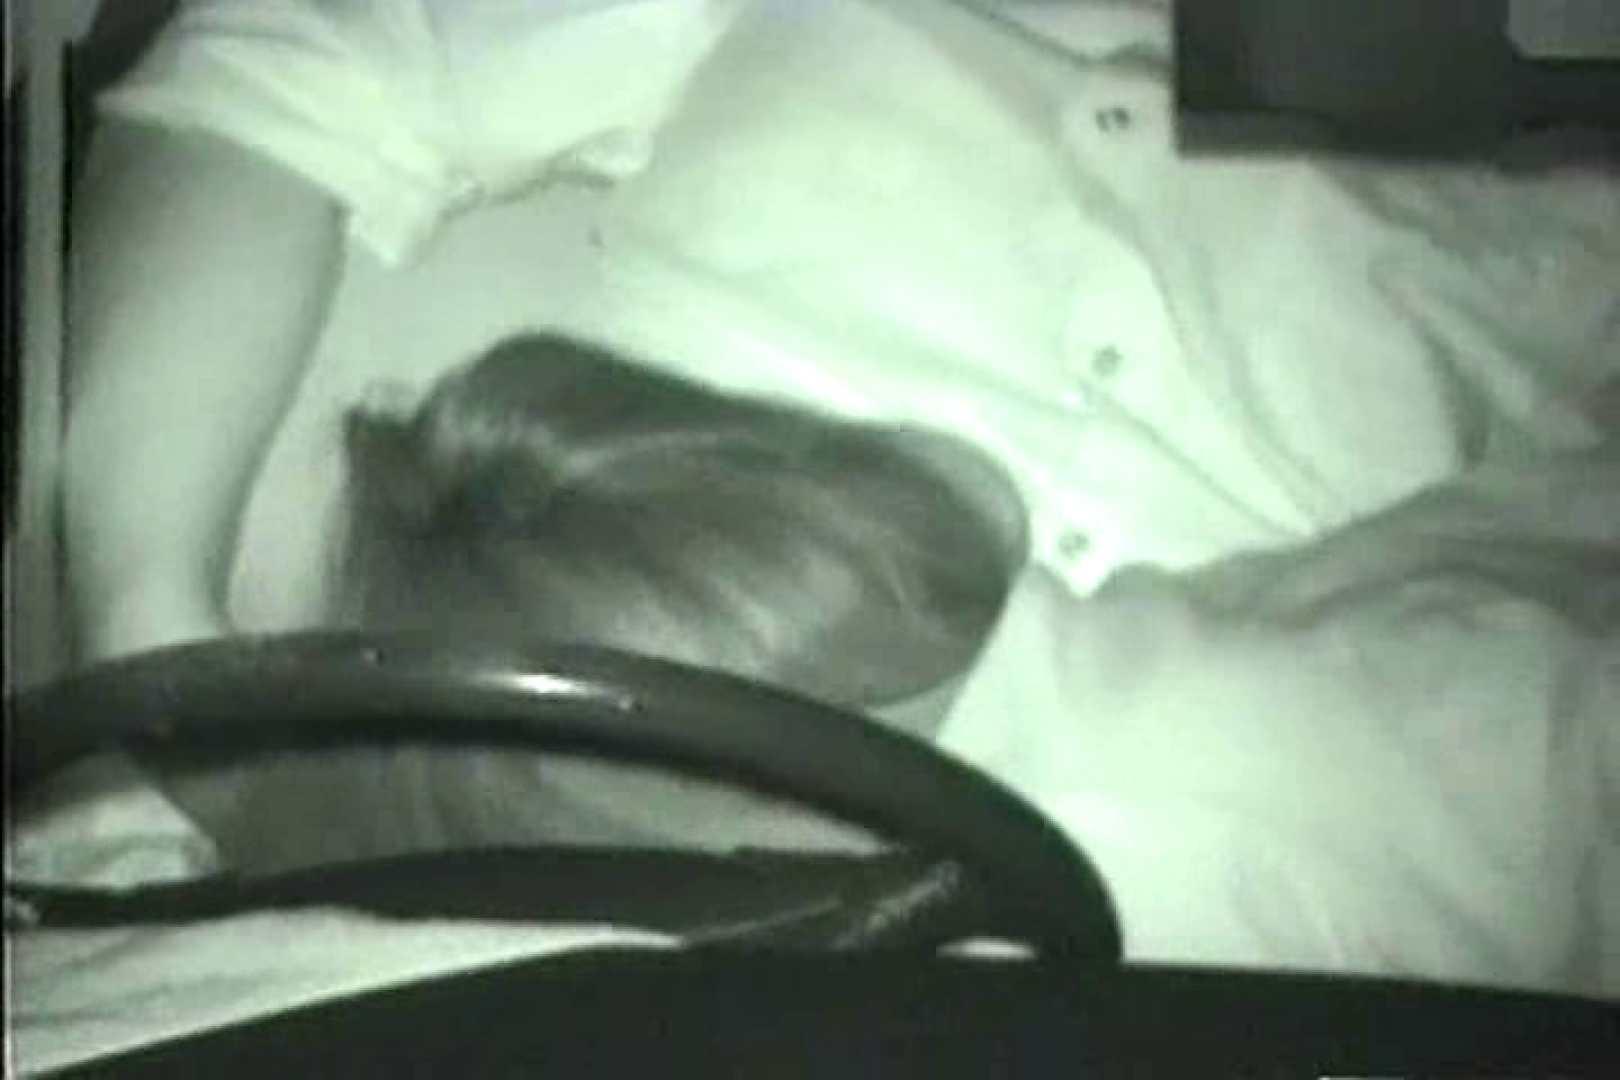 車の中はラブホテル 無修正版  Vol.9 美女OL オメコ無修正動画無料 88連発 2